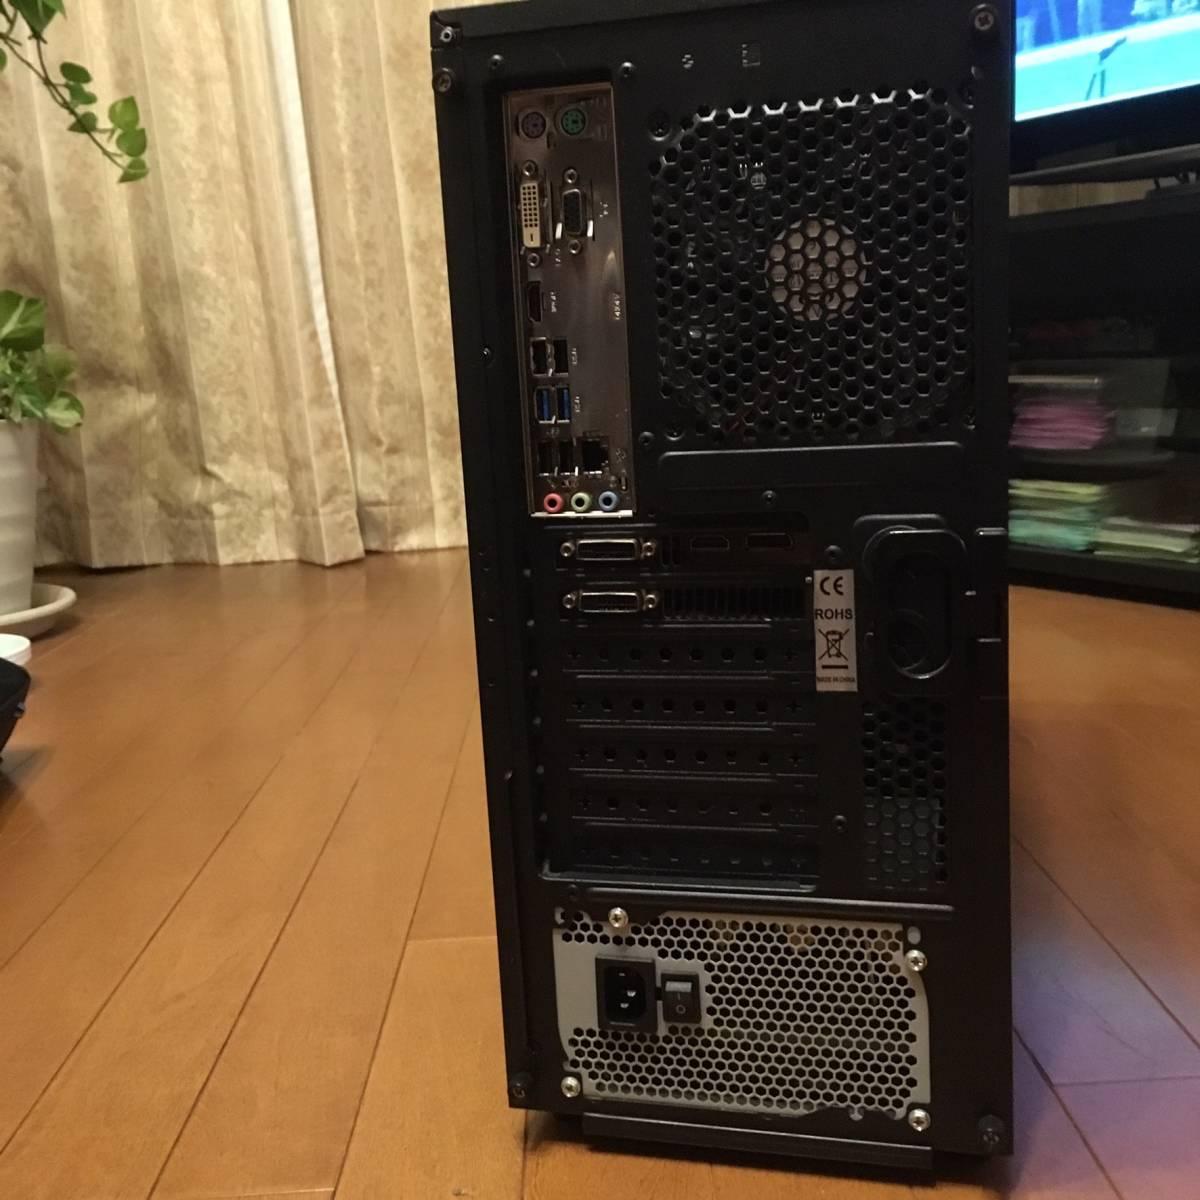 自作 Core i7 3770 メモリ16GB SSD120GB HDD2基合計1.5TB ブルーレイ GTX680 Win10Pro 64ビット認証済み 一部難あり 通常動作品_画像8